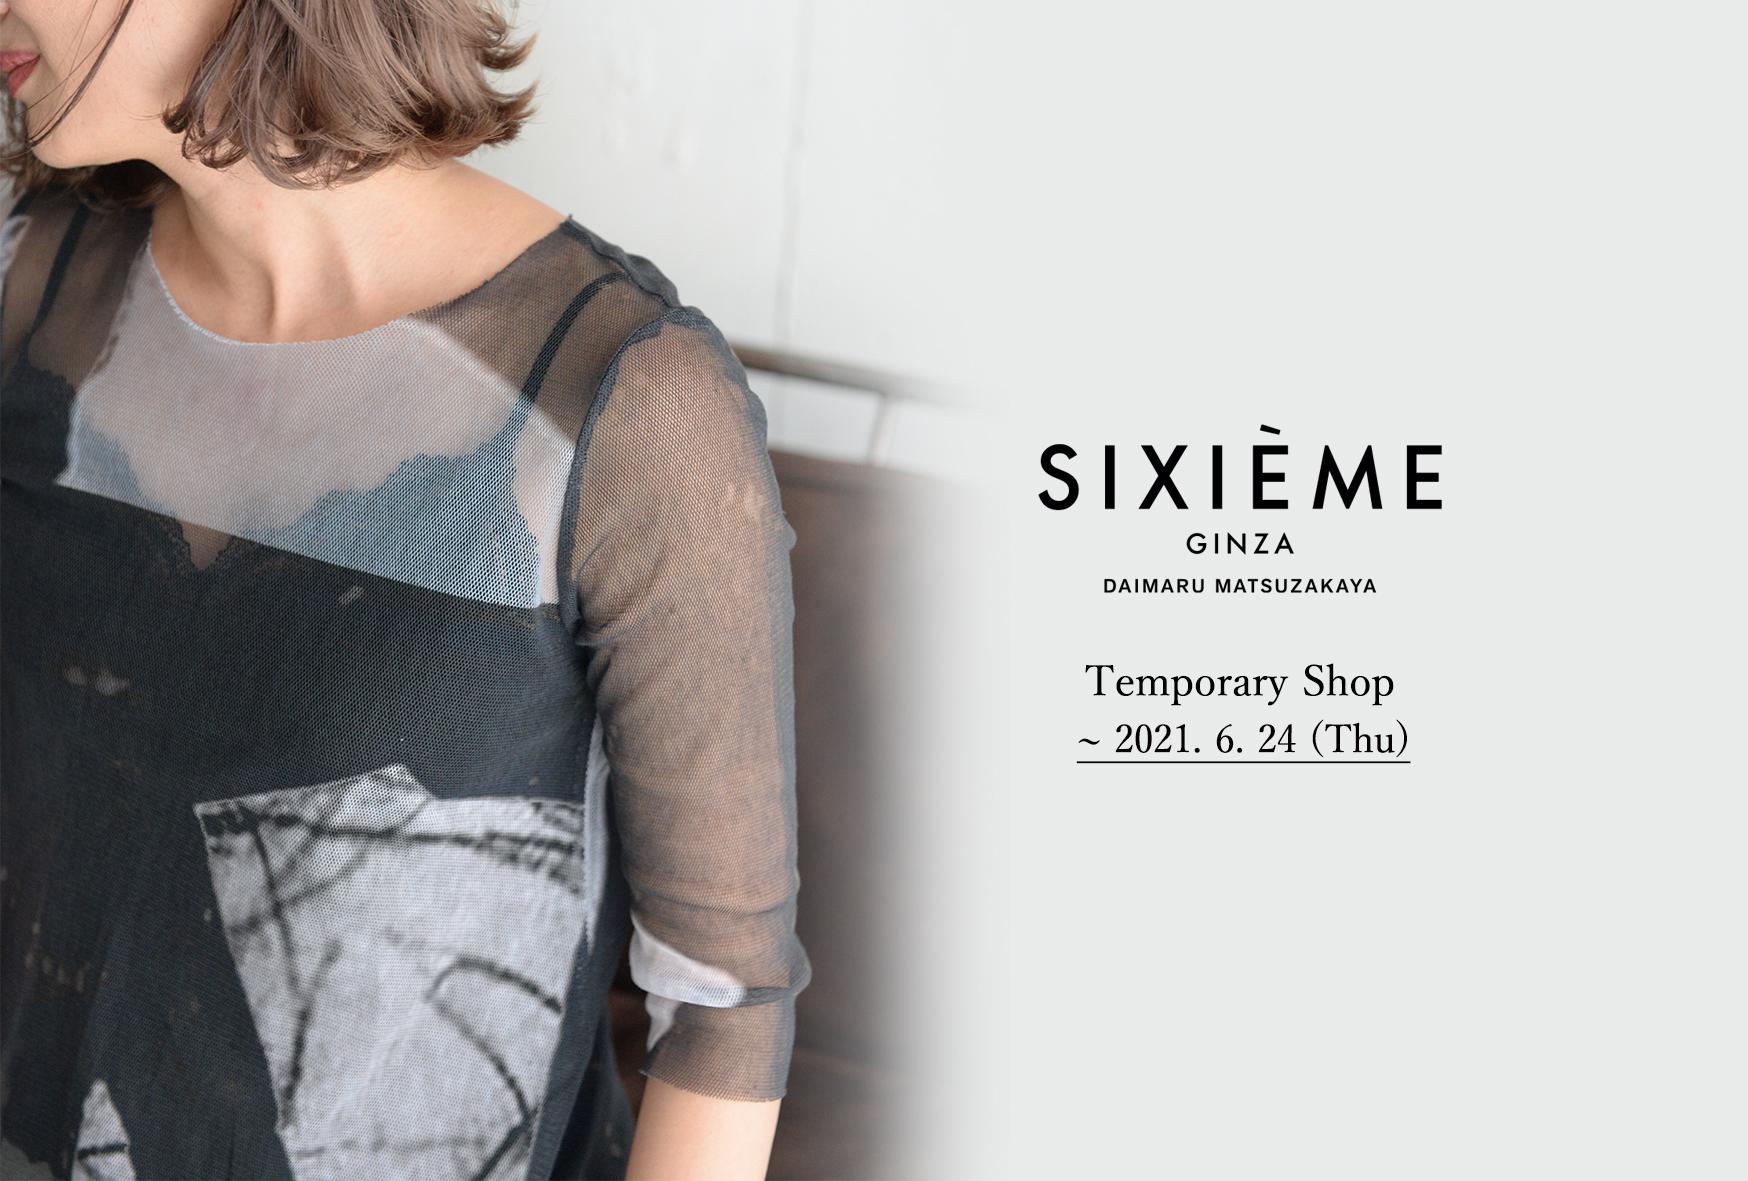 GINZA SIX シジェームにてTemporary Shopがオープンします!